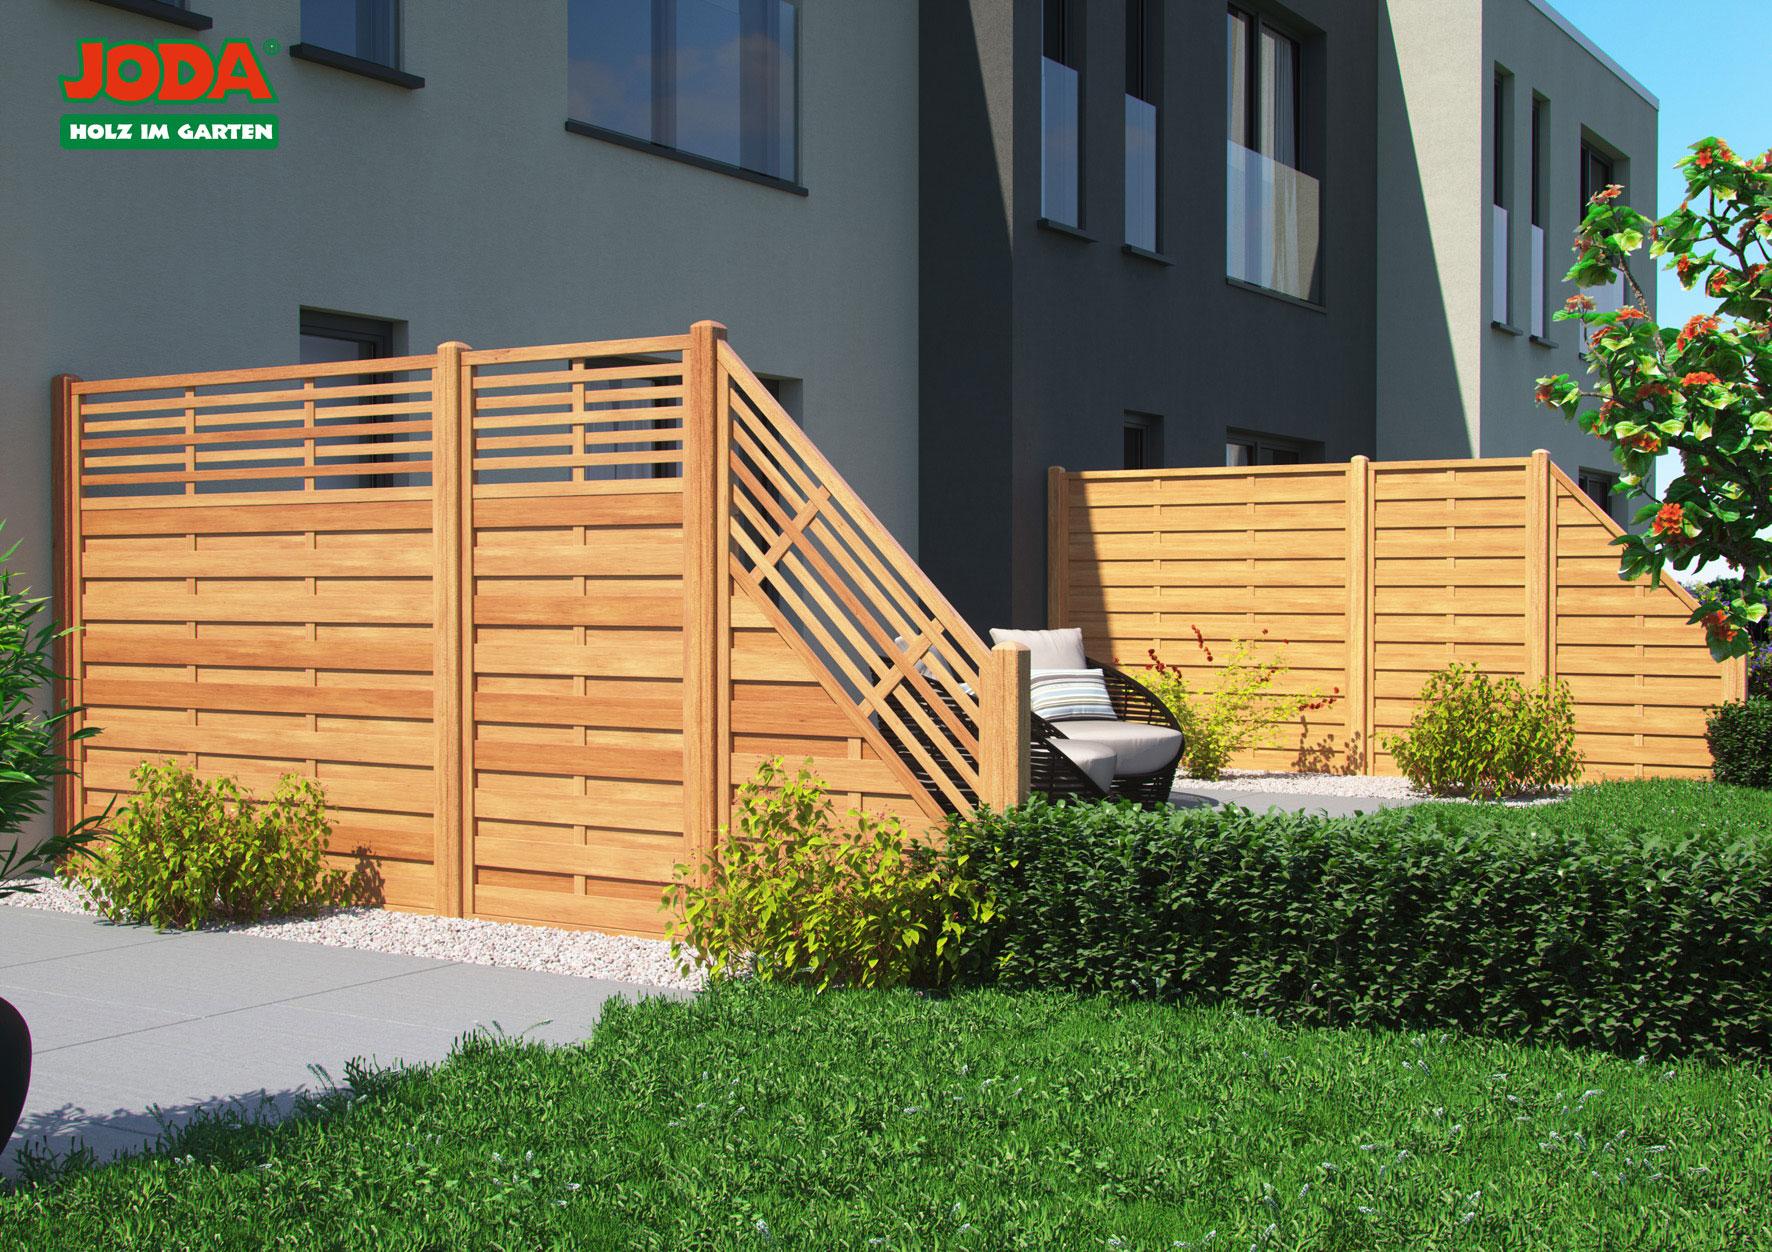 Sichtschutzelemente Zäune Holz Dahlinger Joda Holz Im Garten